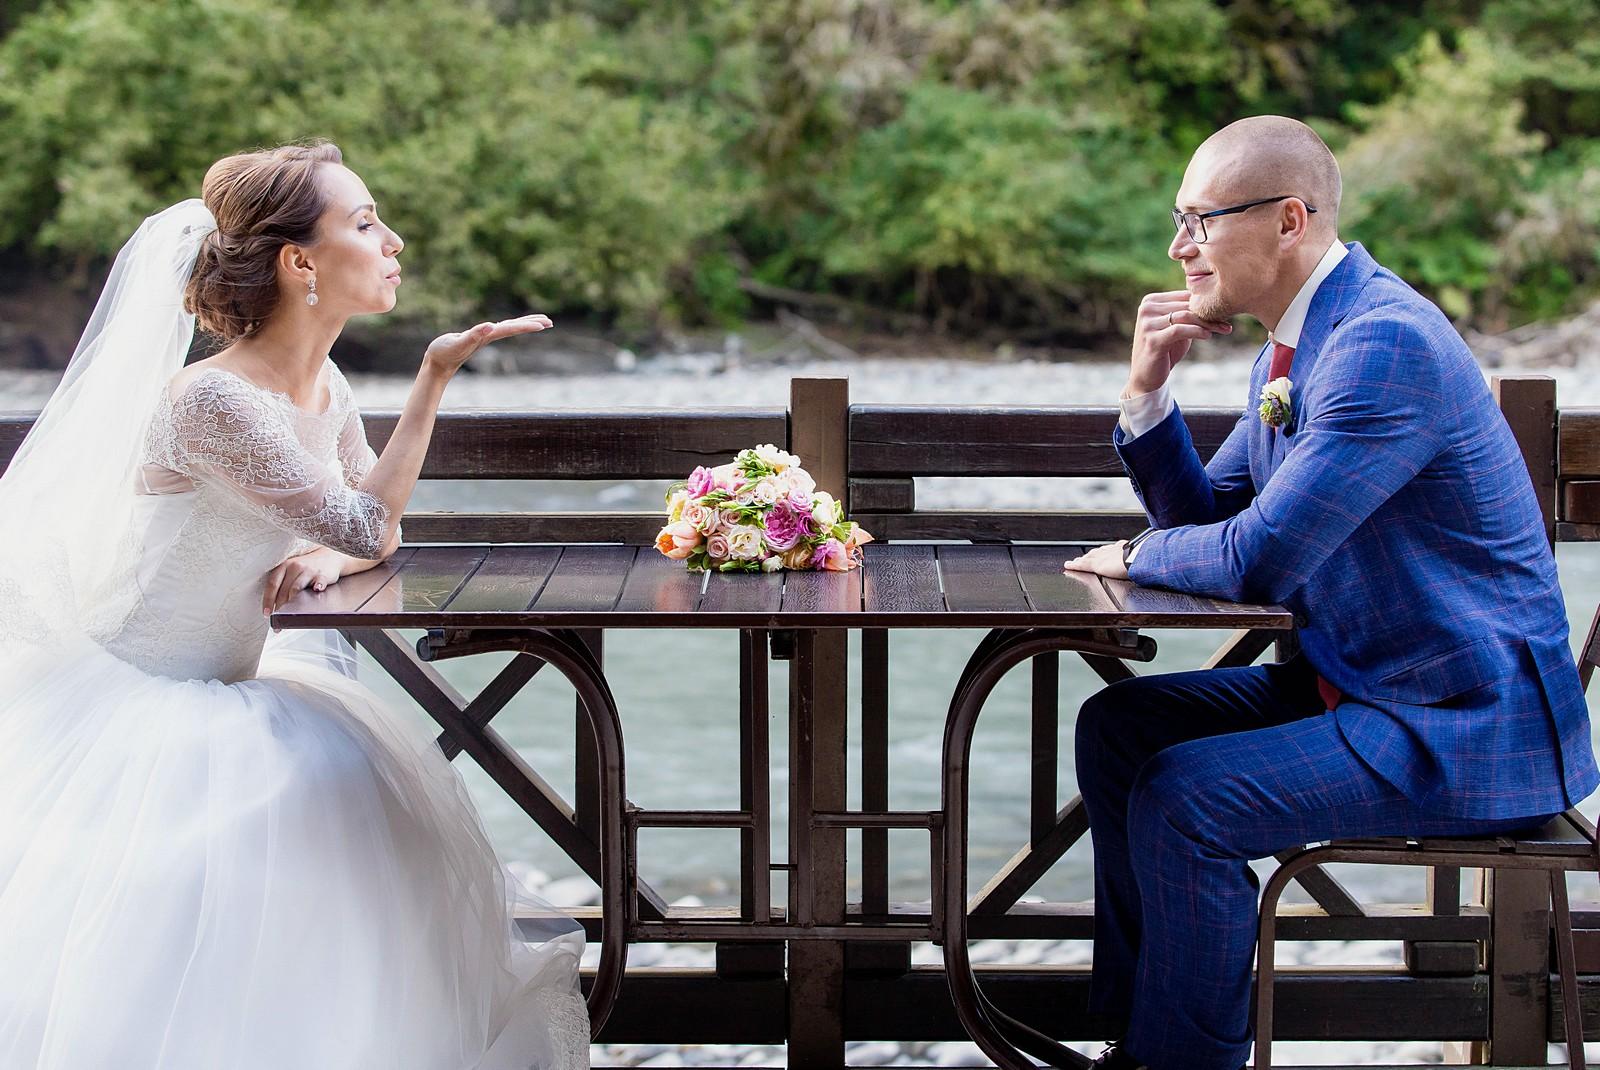 рейтинг свадебных фотографов спб пользу